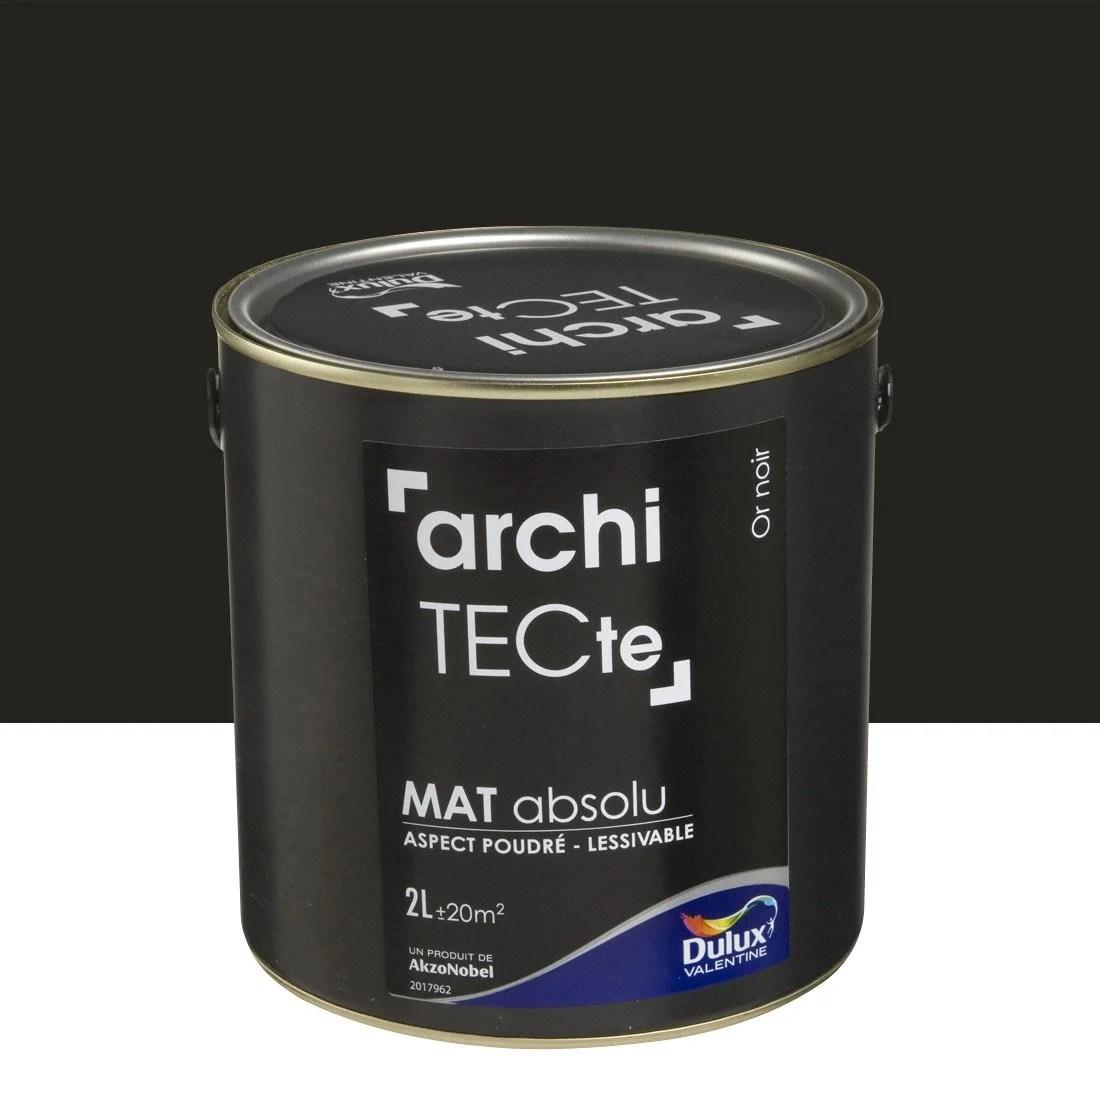 Peinture Or Noir Mat DULUX VALENTINE Architecte 2 L